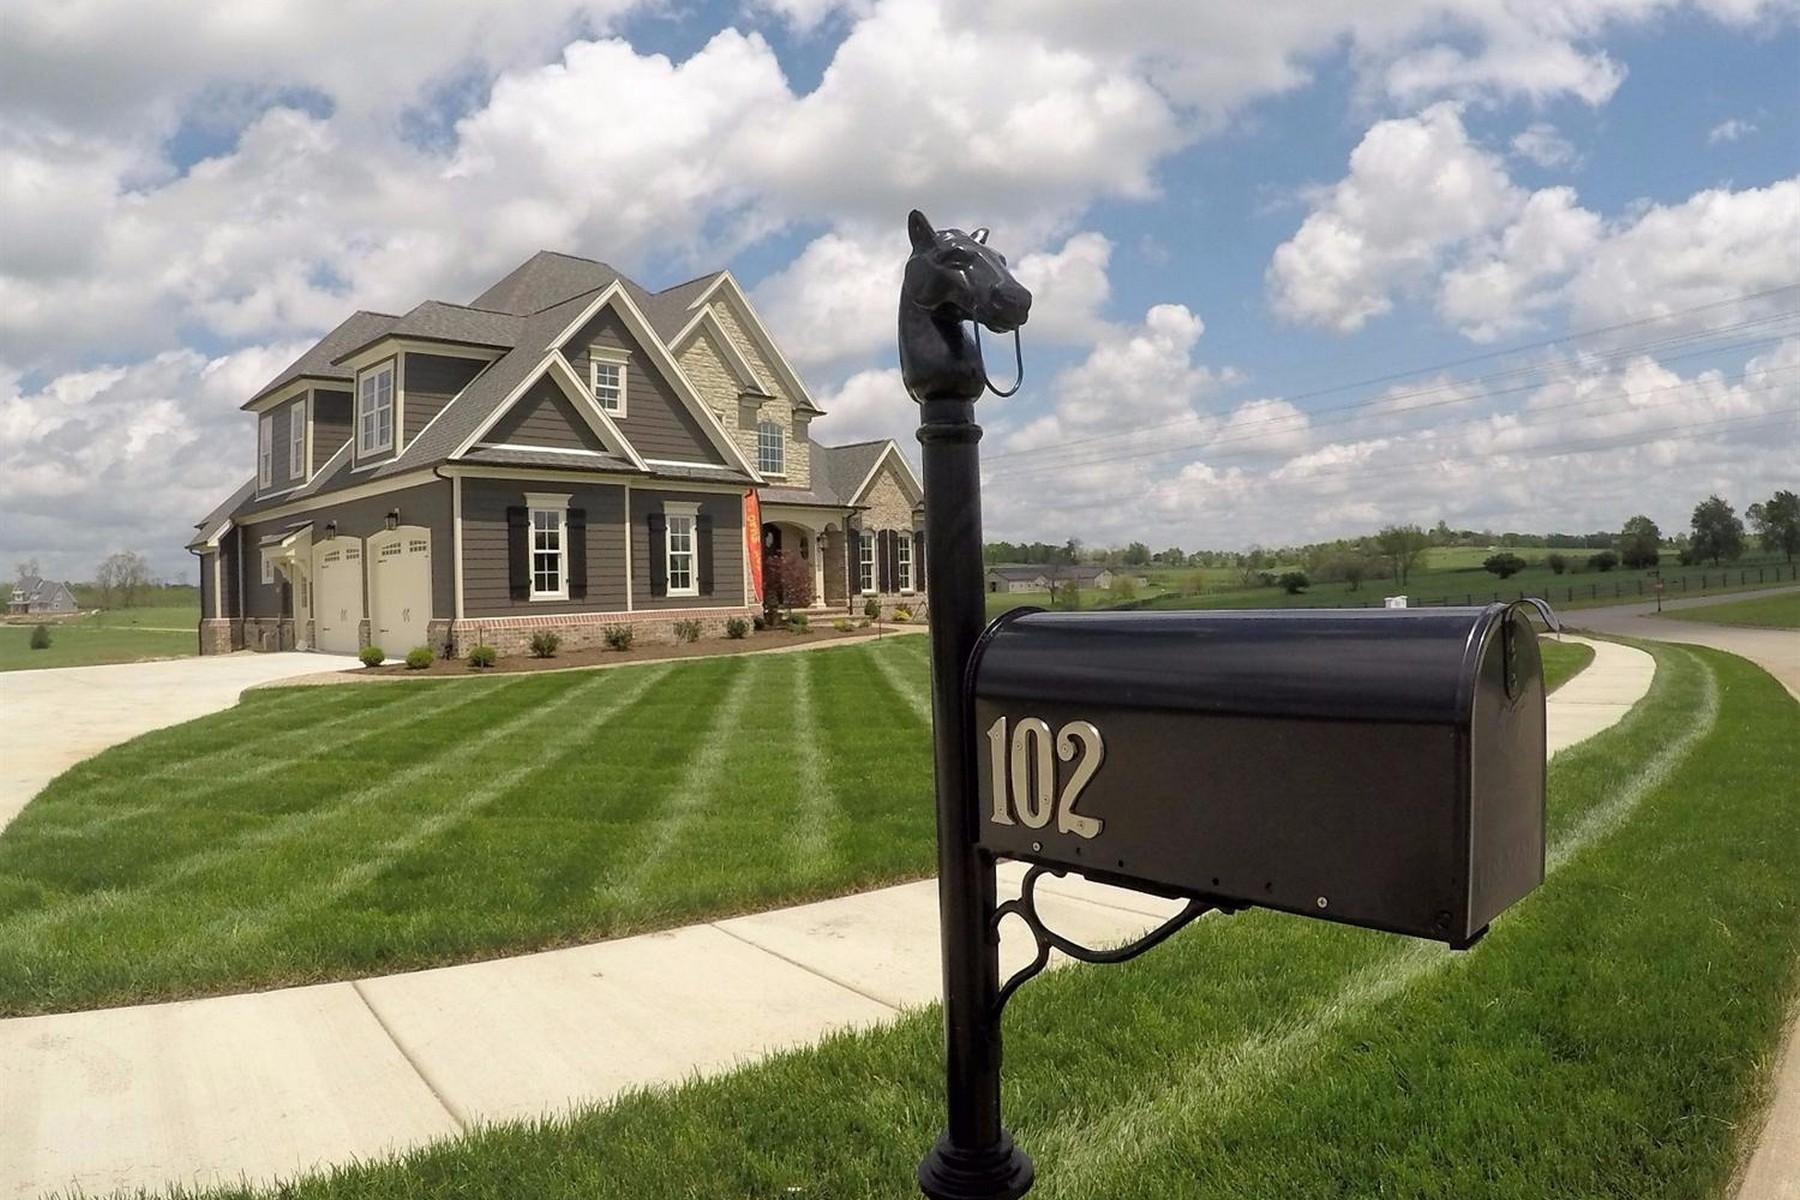 Casa Unifamiliar por un Venta en 102 Mahin Trail Nicholasville, Kentucky, 40356 Estados Unidos